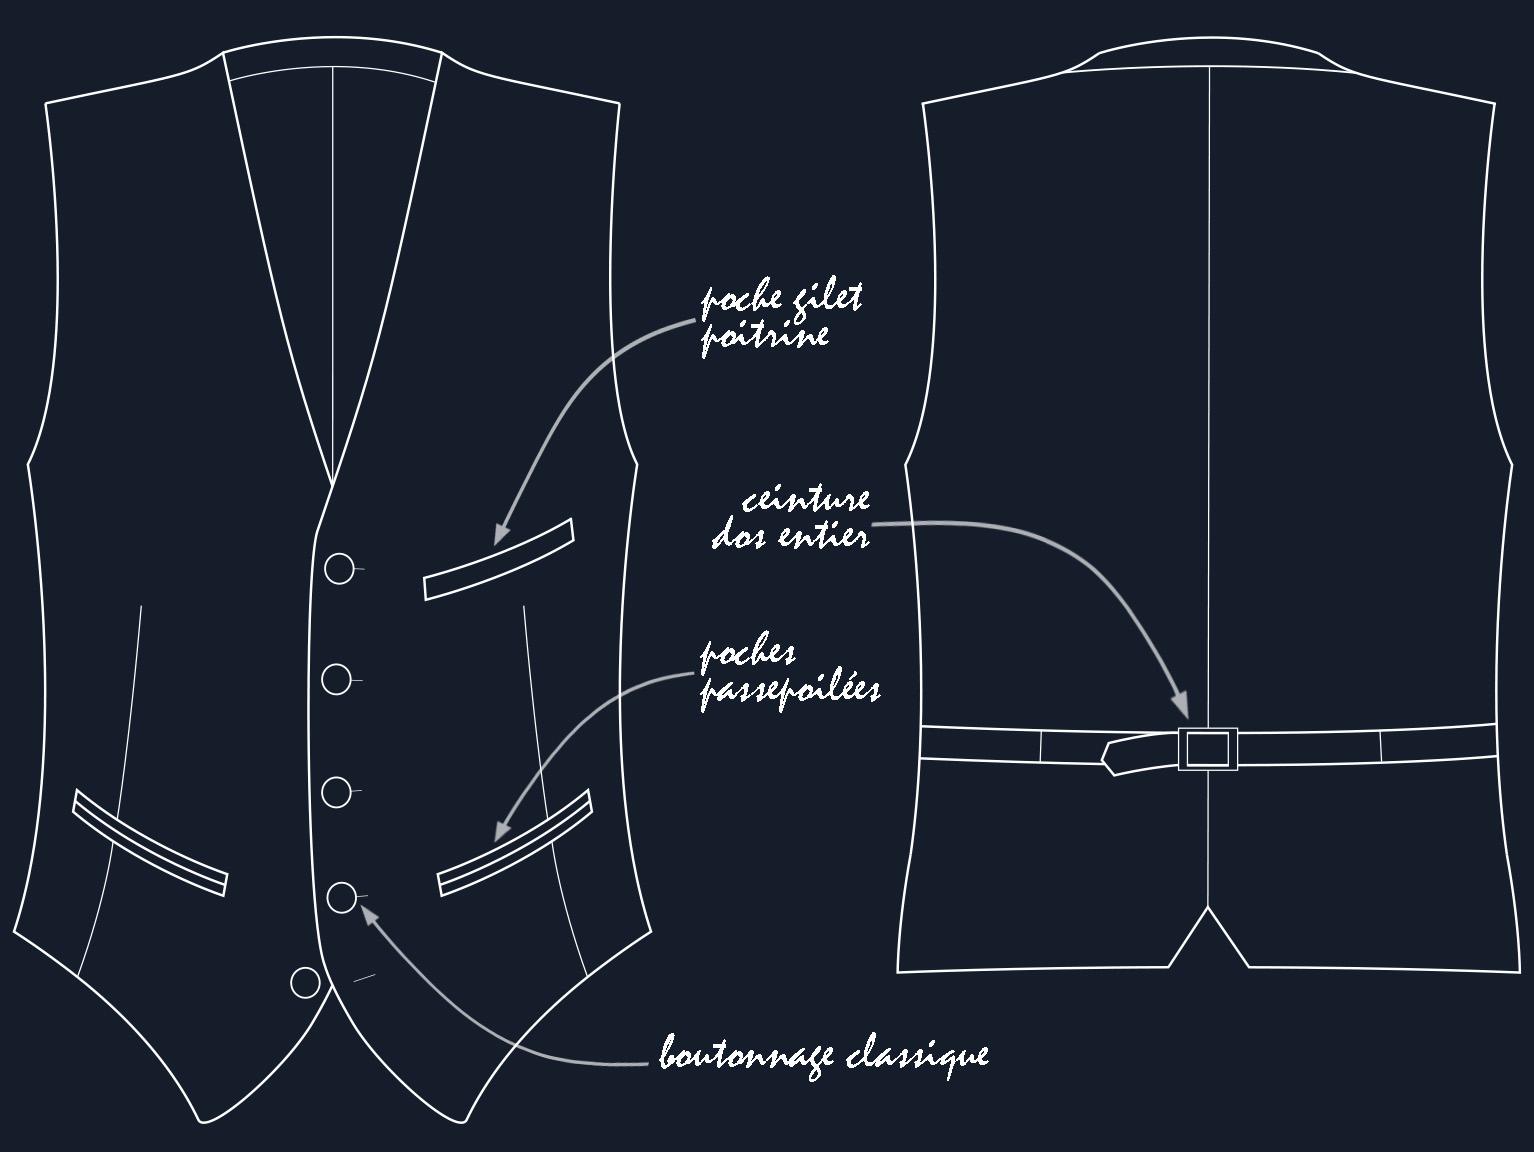 Dessin technique  du gilet classique dans sa coupe et ses détails. Le devant et le dos sont dans deux tissus distincts (le dos est toujours en doublure). A noter : La poche gilet poitrine sera placer à gauche pour un droitier et à droite pour un gaucher.